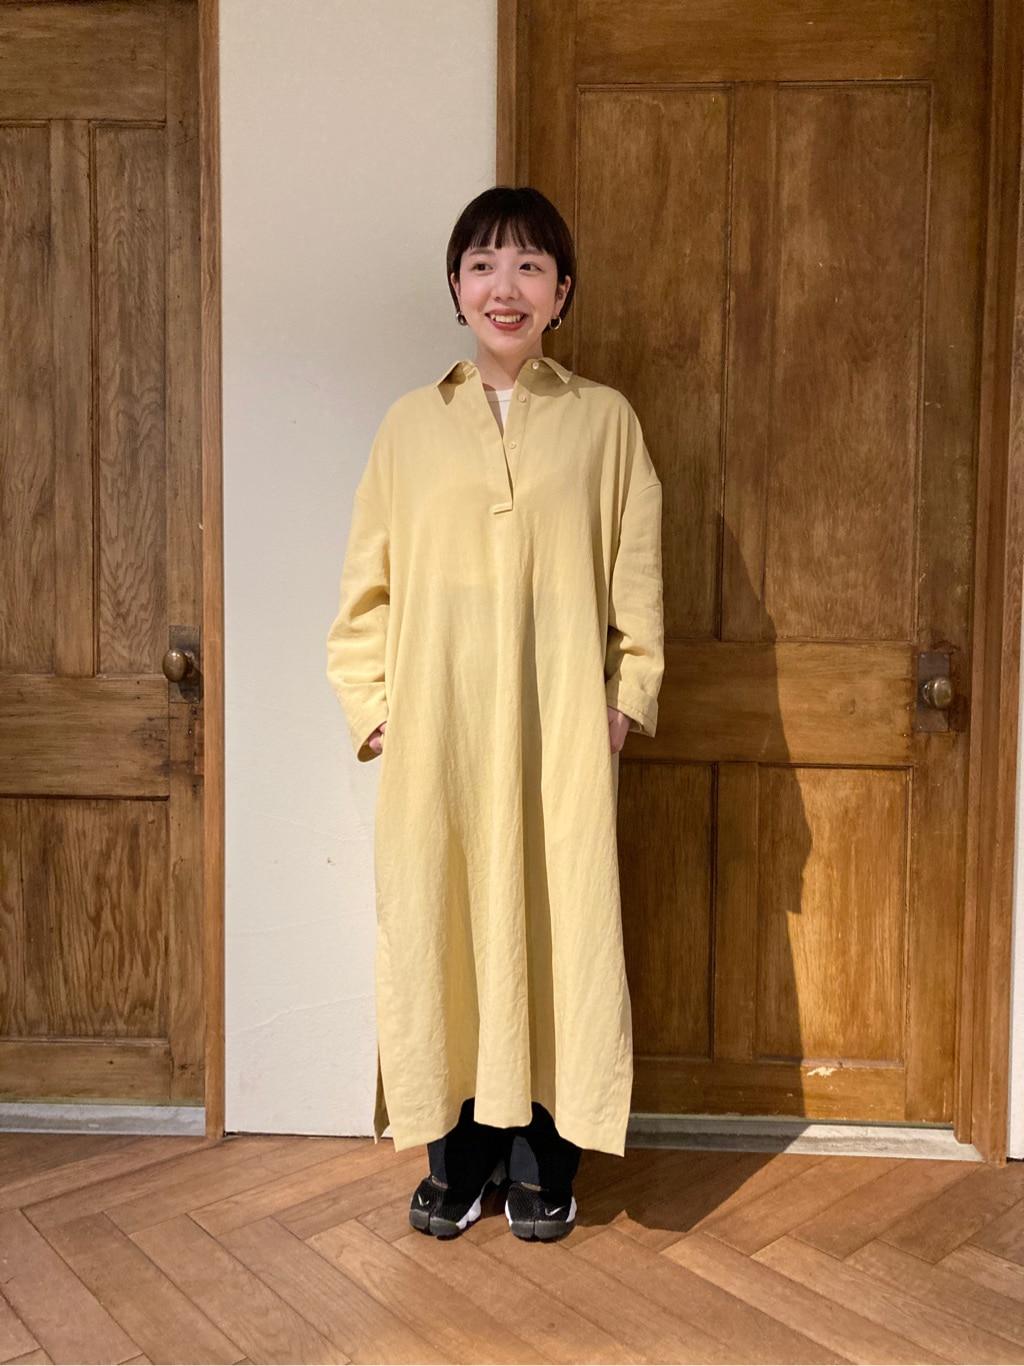 yuni 京都路面 身長:150cm 2020.11.10